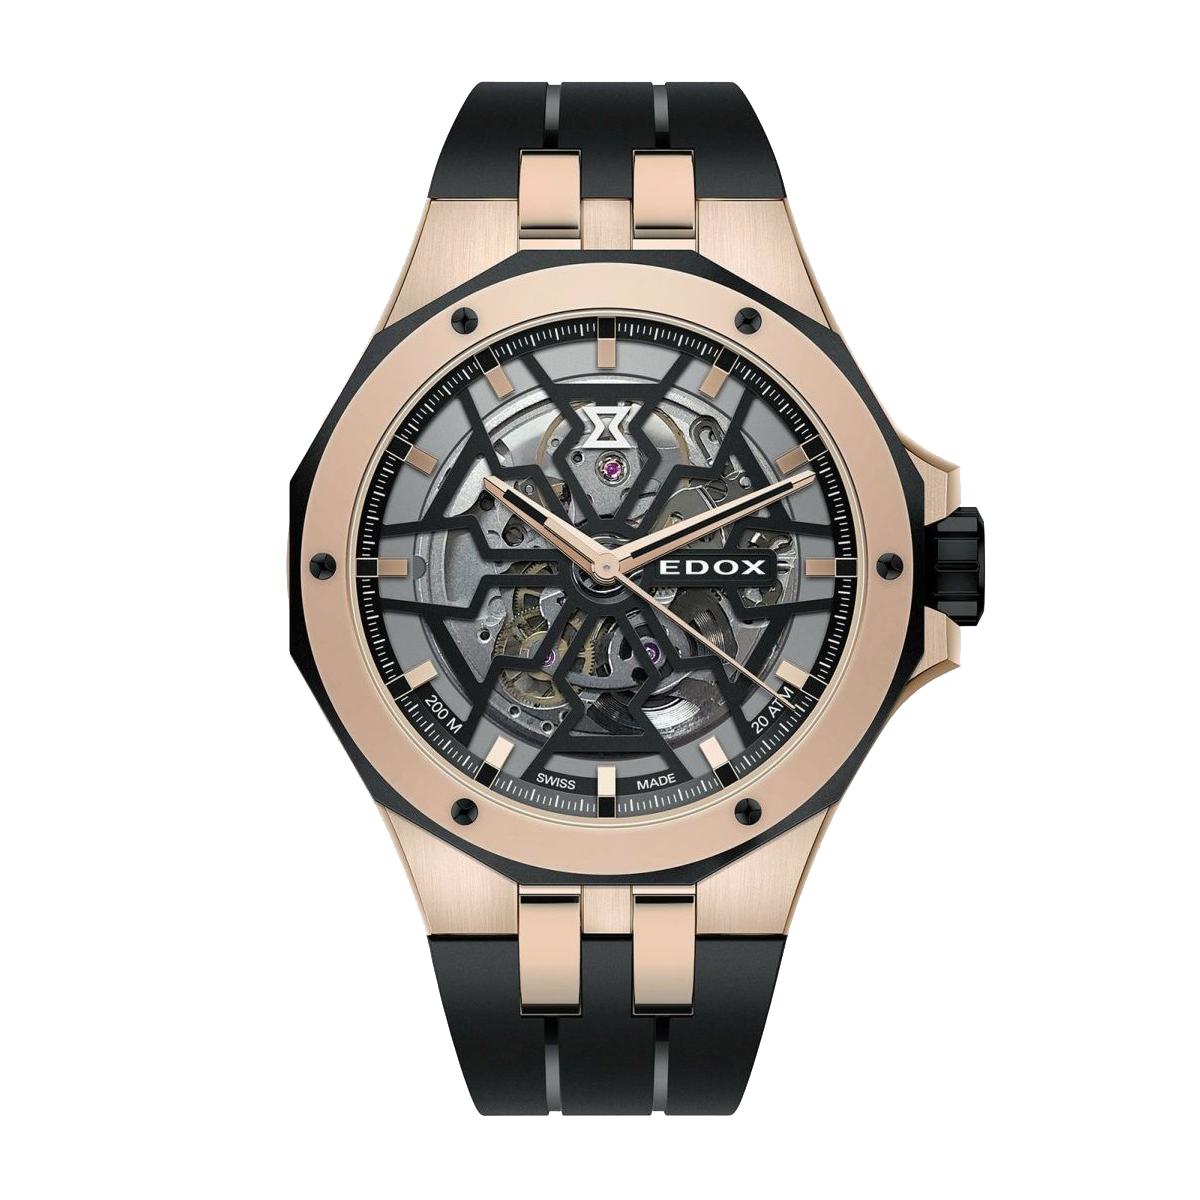 安心の定価販売 エドックス 海外正規品 送料無料 あす楽 EDOX DELFIN MECANO デルフィン オリジナル 時計 85303-357rn-nrn メカノ 機械式 腕時計 無料サンプルOK メンズ